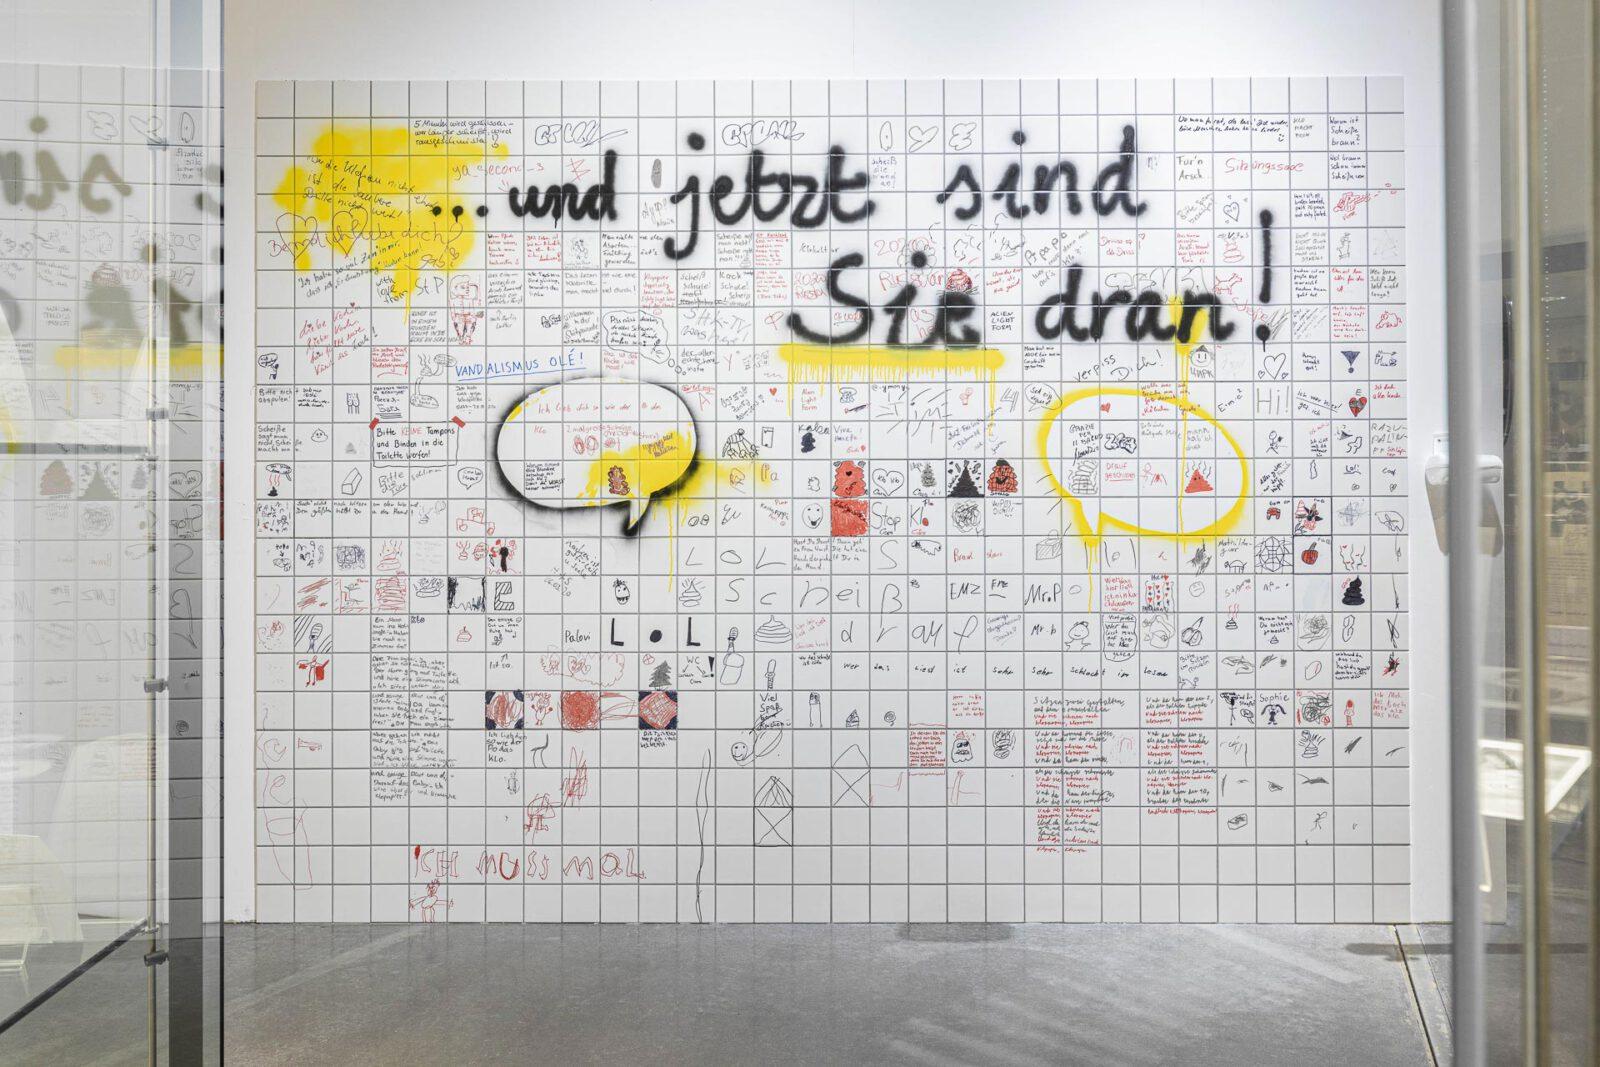 1_S_Von-der-Rolle_LVR-Industrie-Papiermuehle_12-10-2020_TE_5747